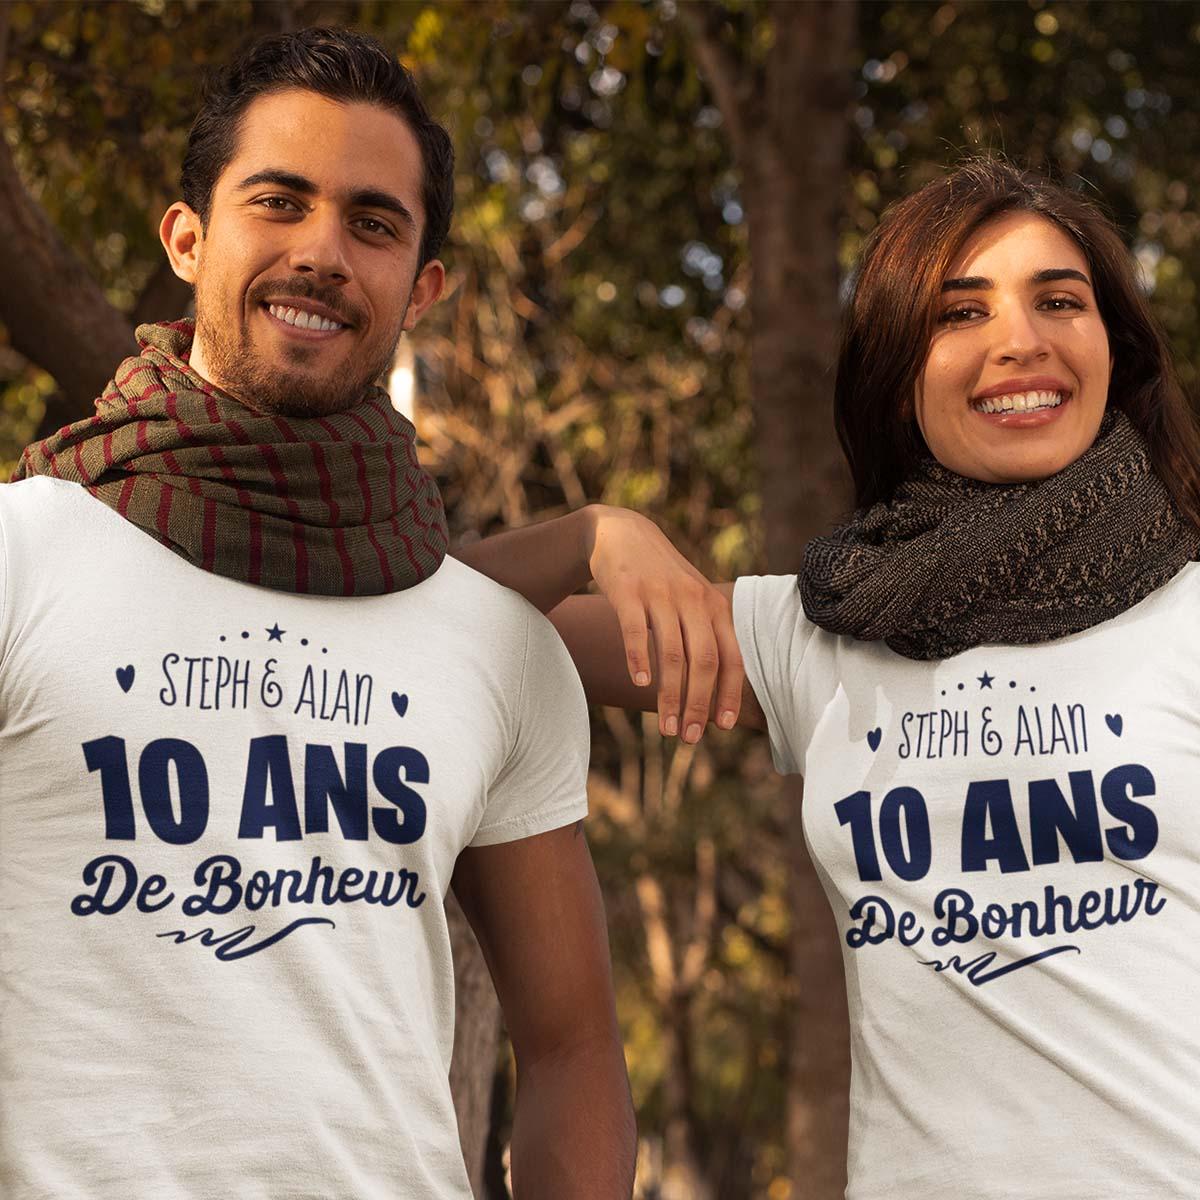 Tee-shirt pour couple | Année de bonheur | tee-shirt personnalisé